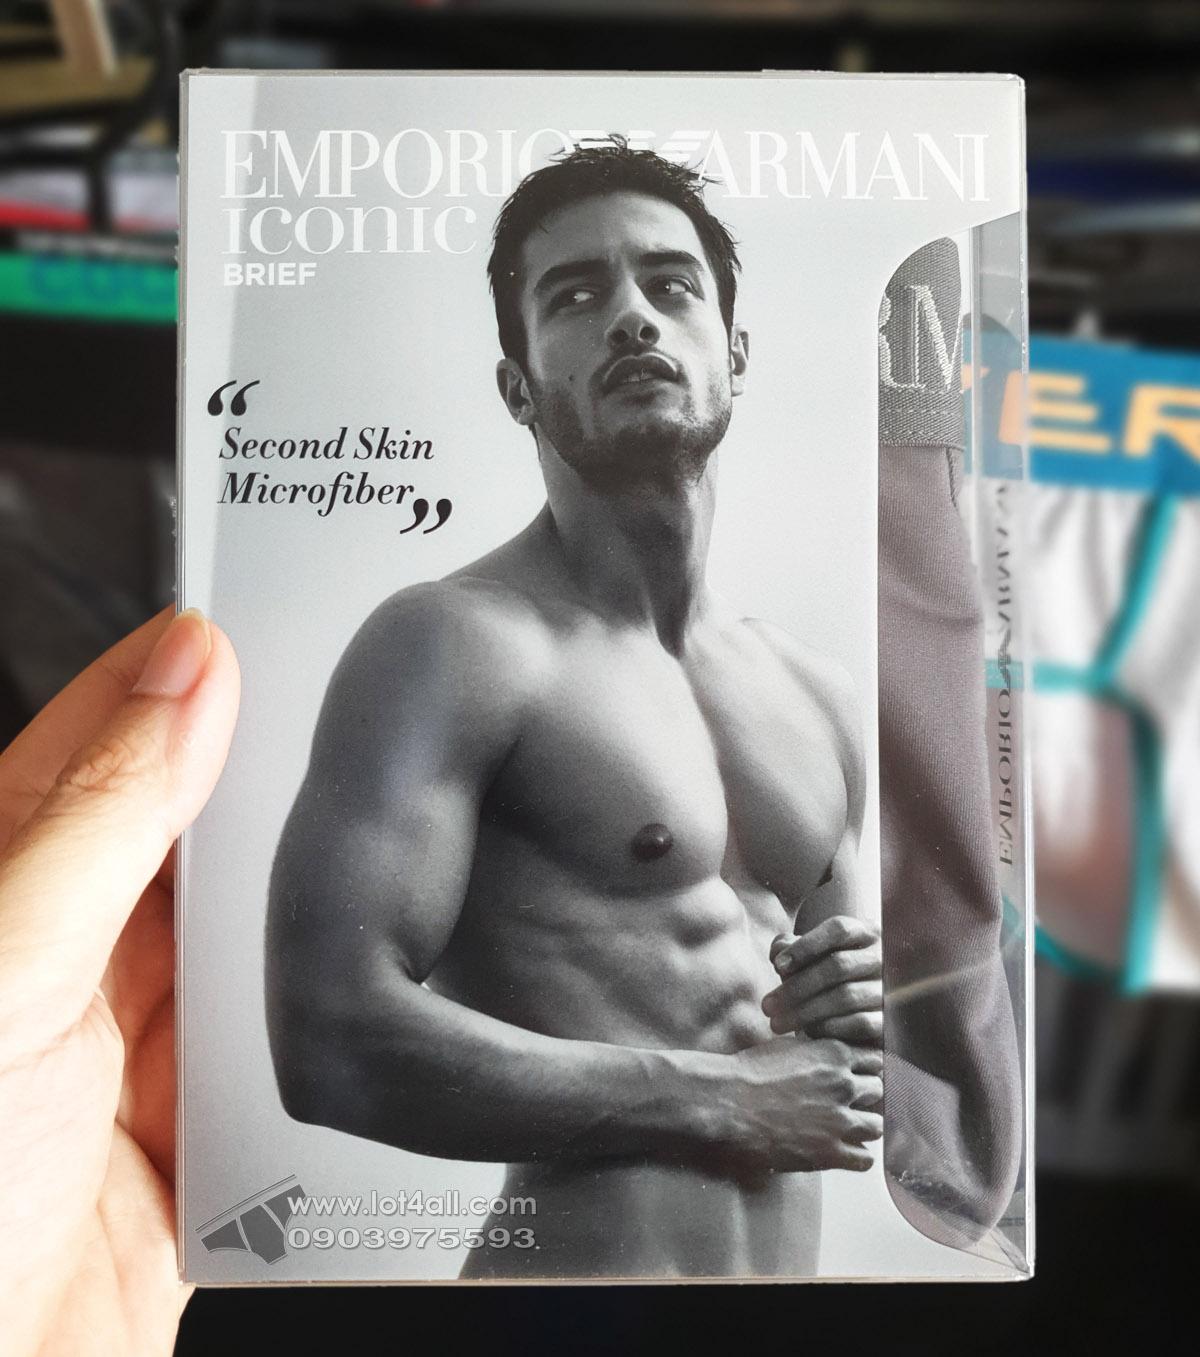 Quần lót nam Emporio Armani Second Skin Microfiber Brief Anthracite